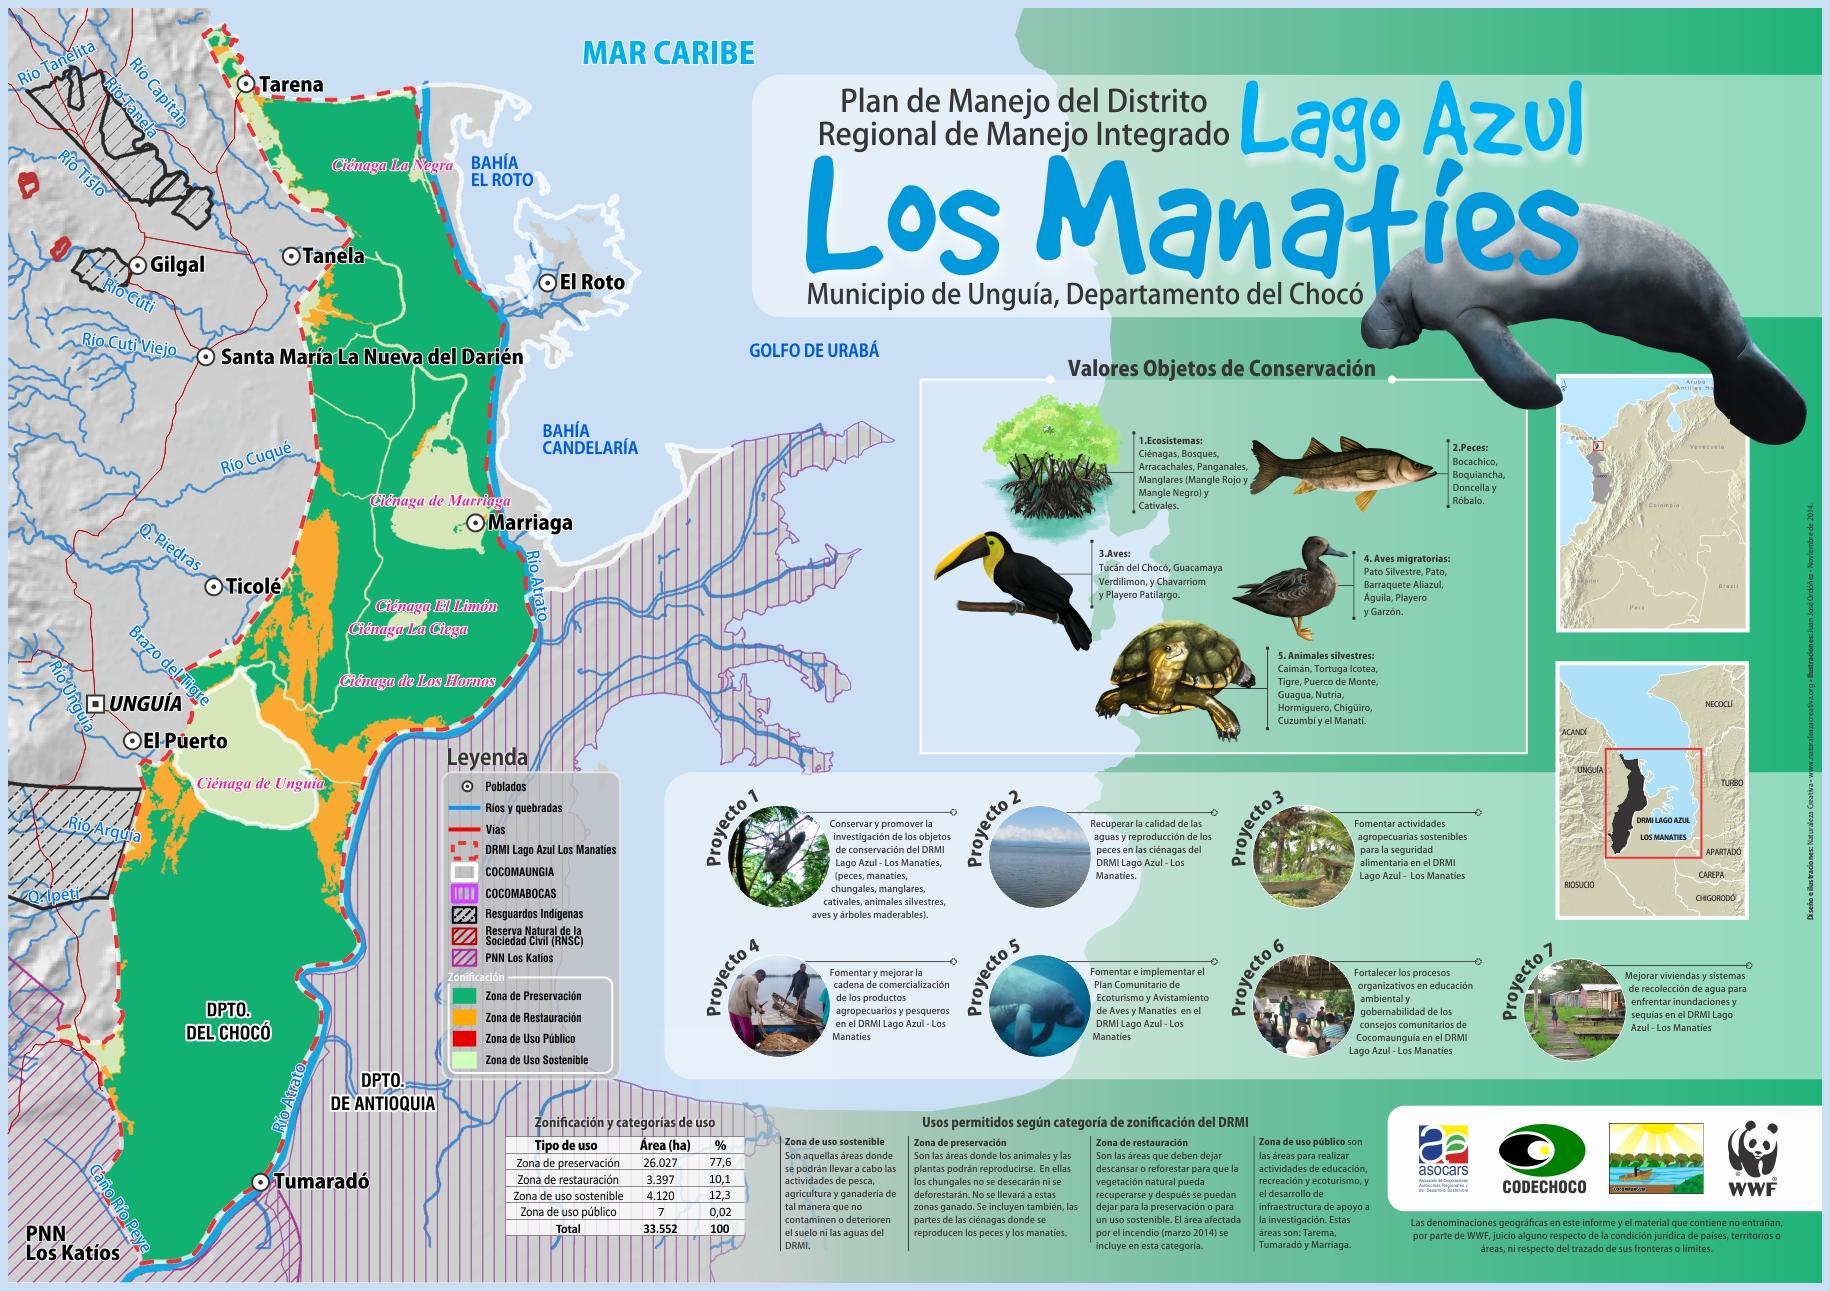 LAGO AZUL LOS MANATIES